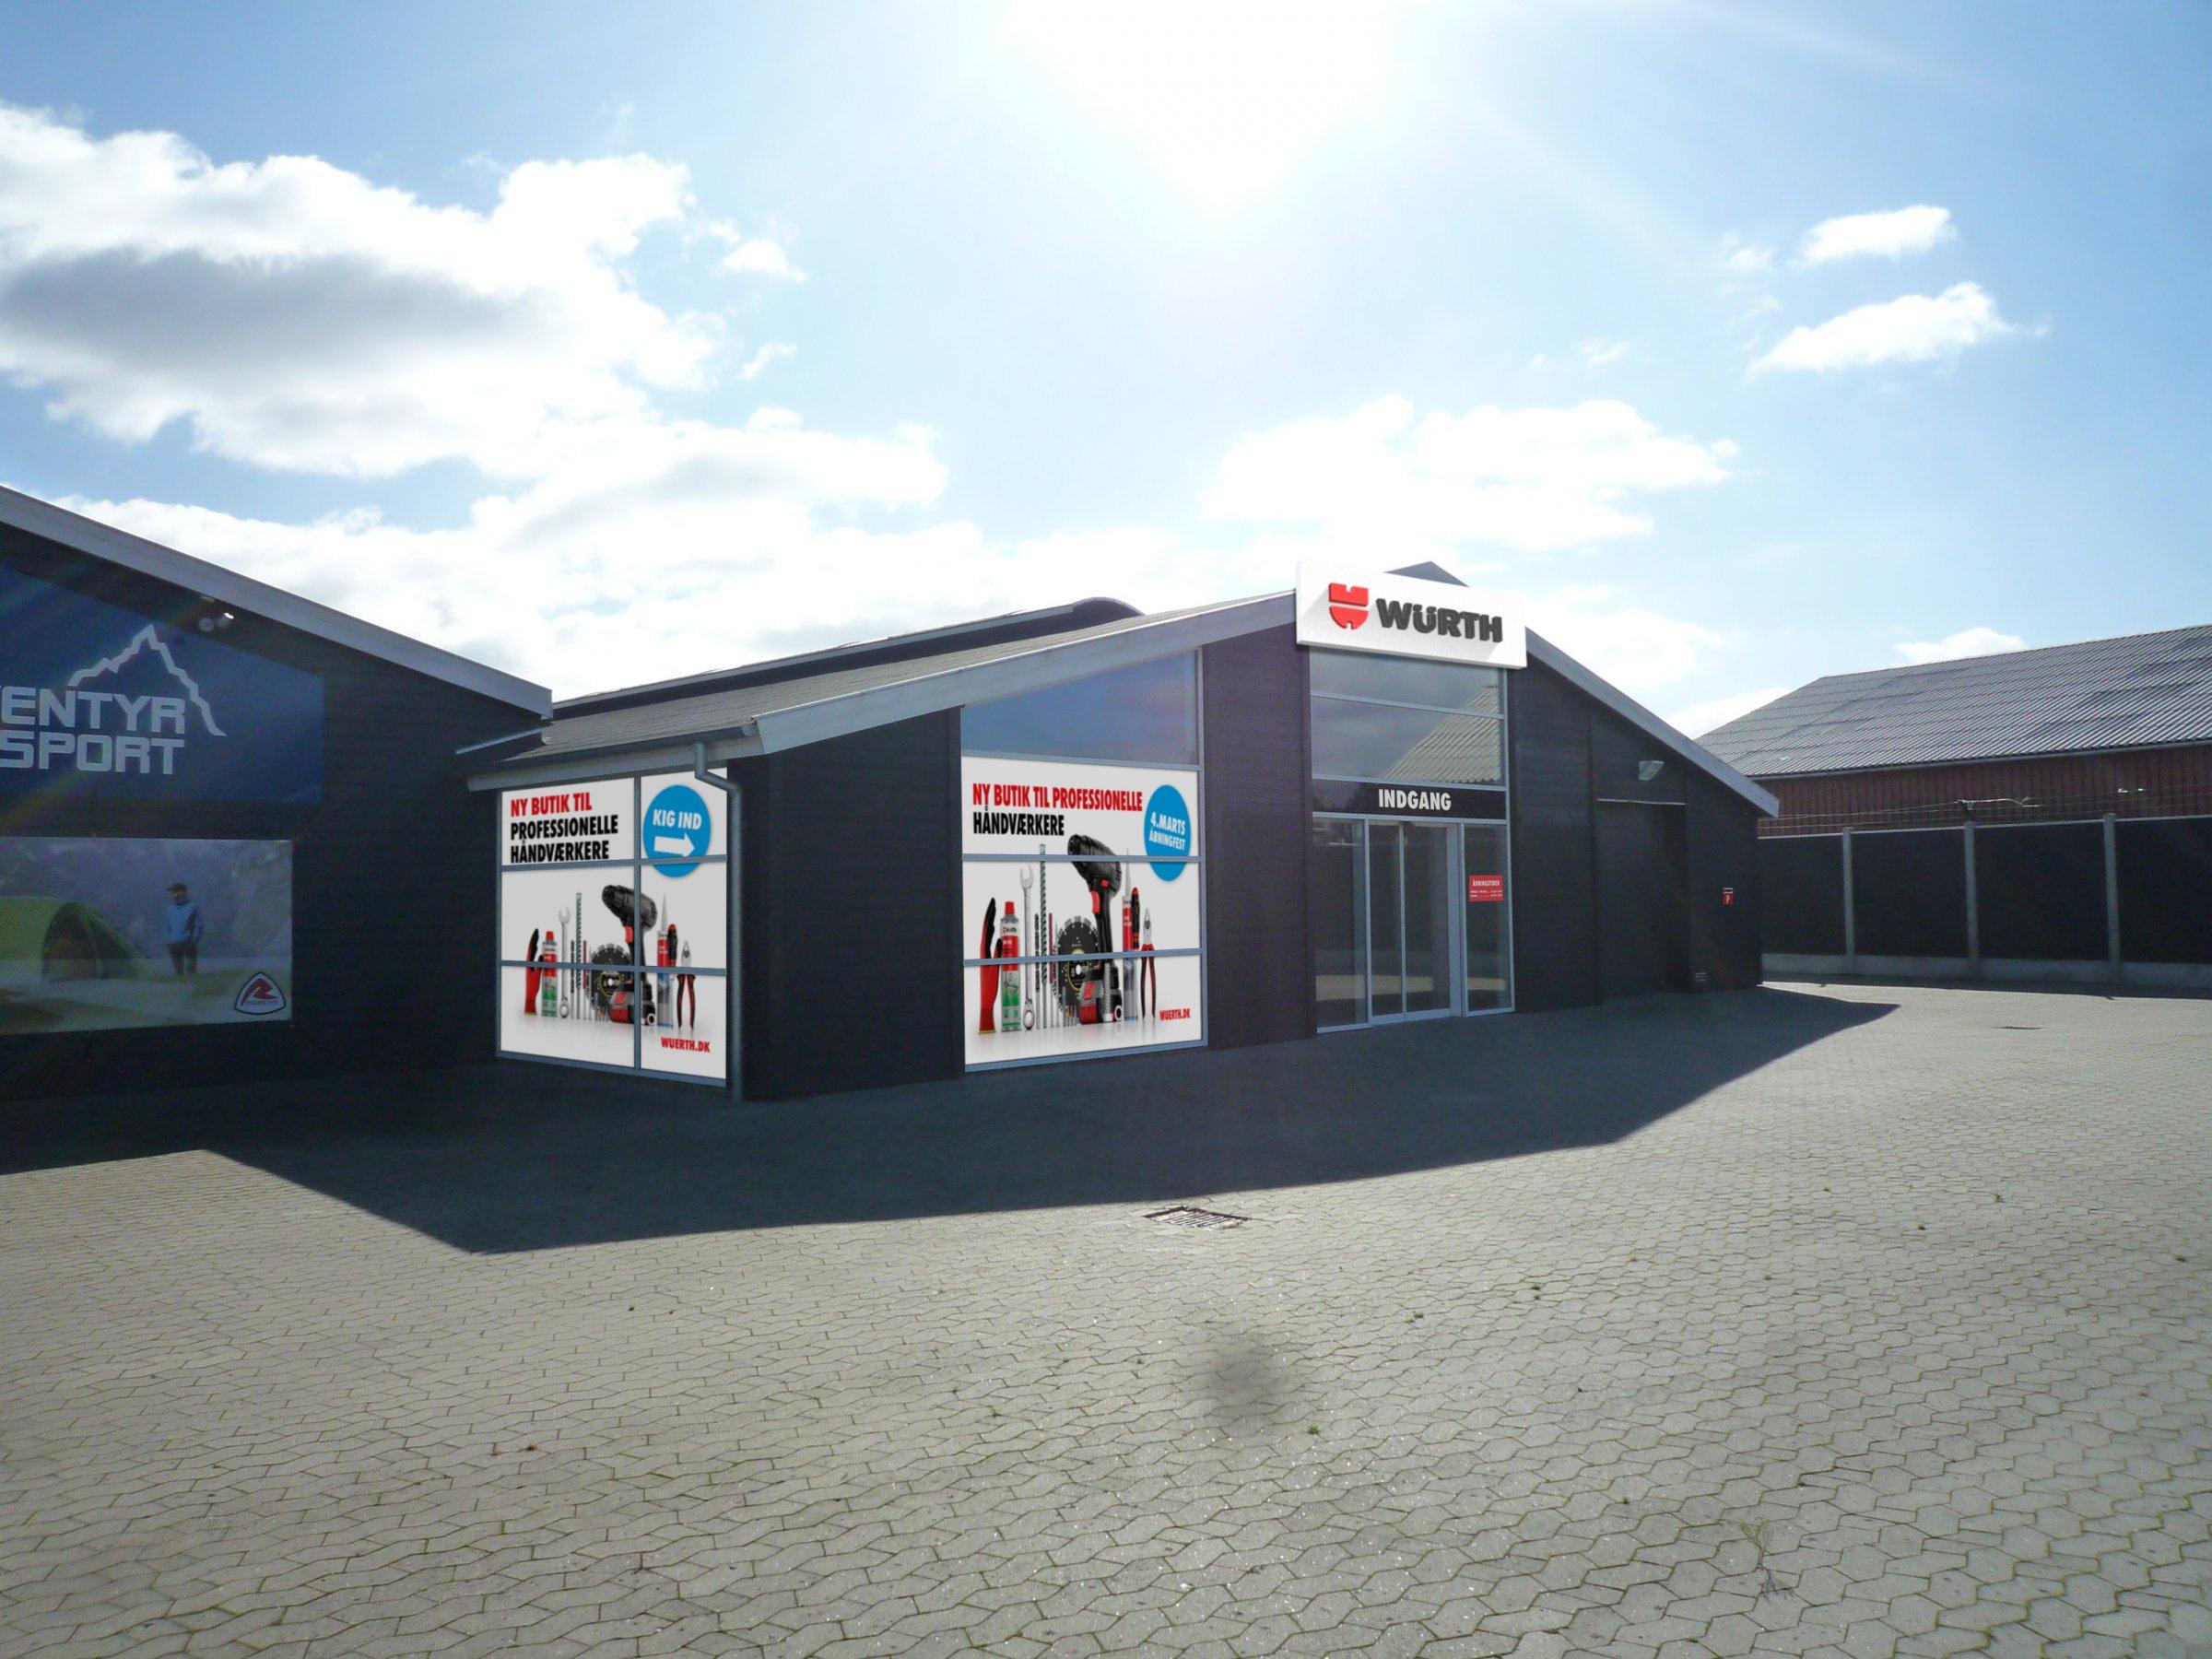 c5954009c822 Den 4. marts åbner Würth ny butik i Silkeborg for erhvervskunder